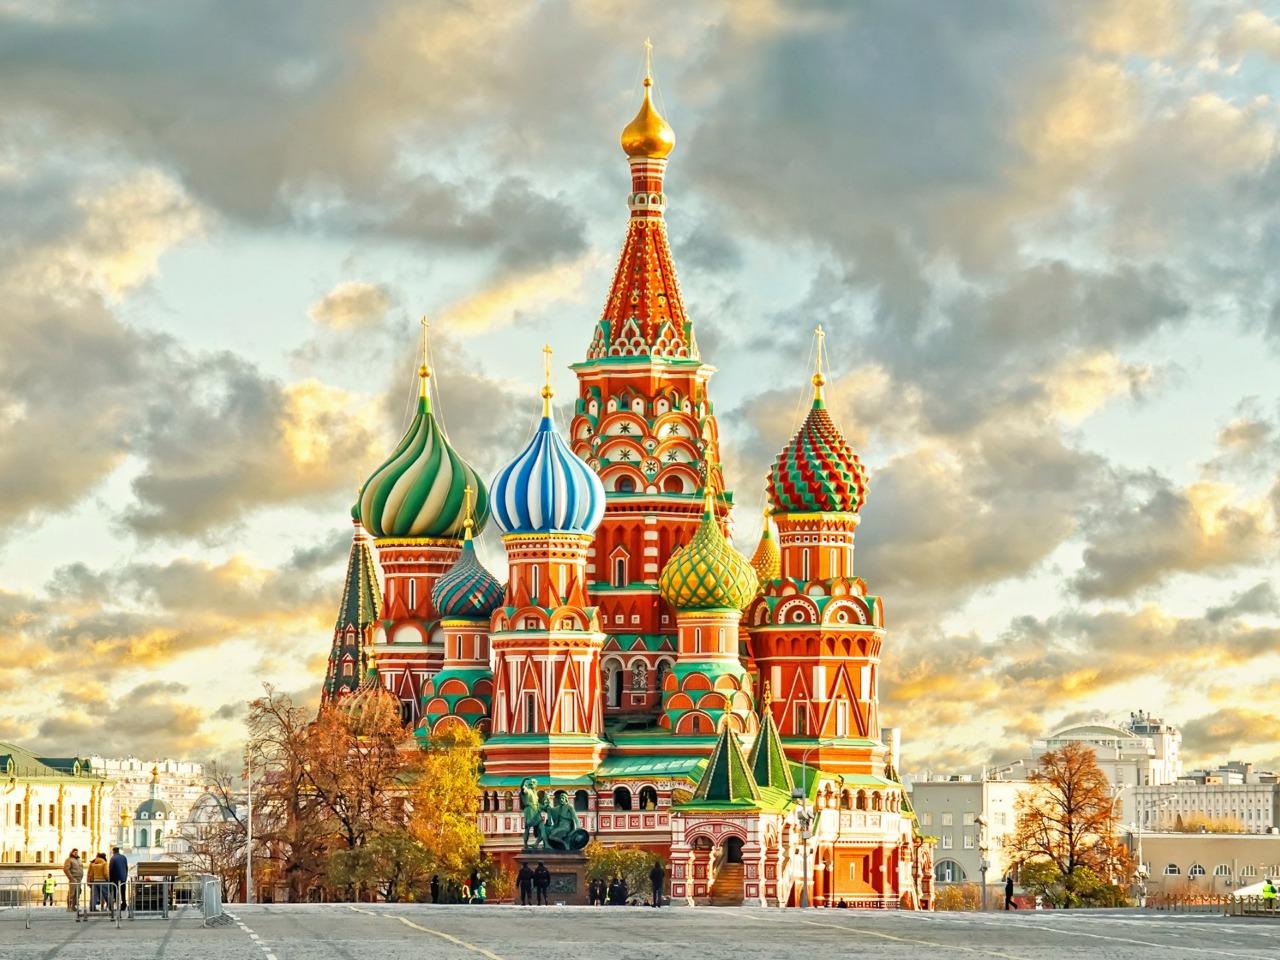 Откуда пошла Земля Московская? - индивидуальная экскурсия по Москве от опытного гида